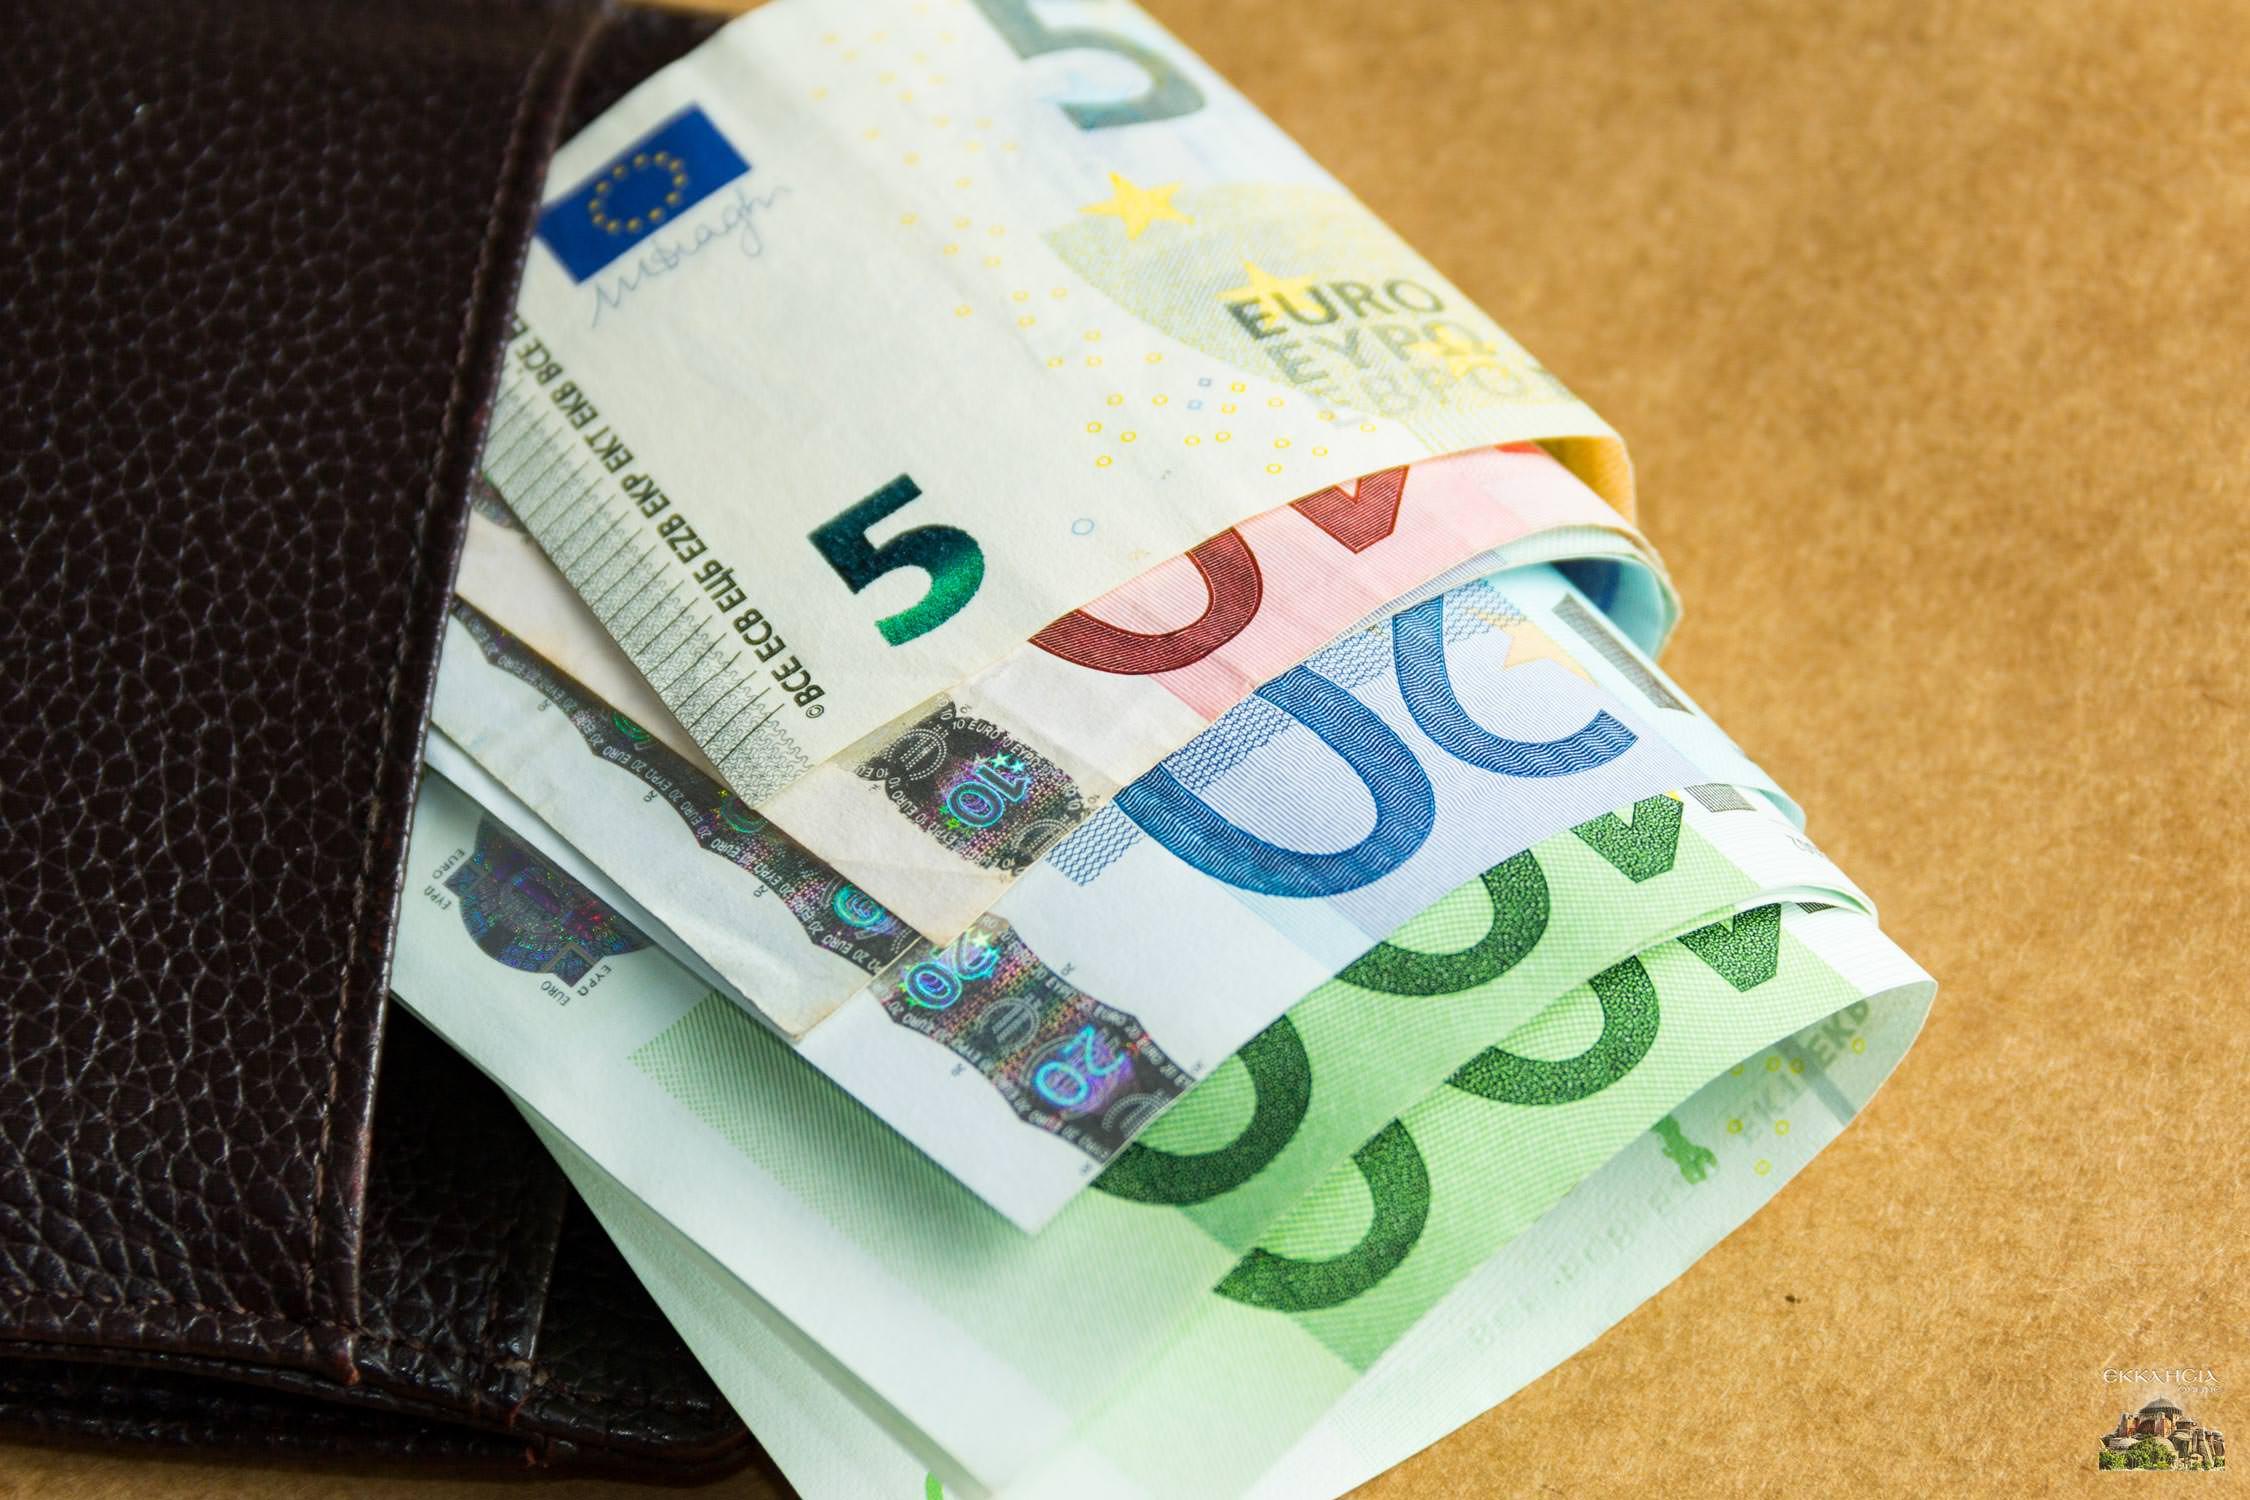 επίδομα πληρωμές 2020 ευρώ